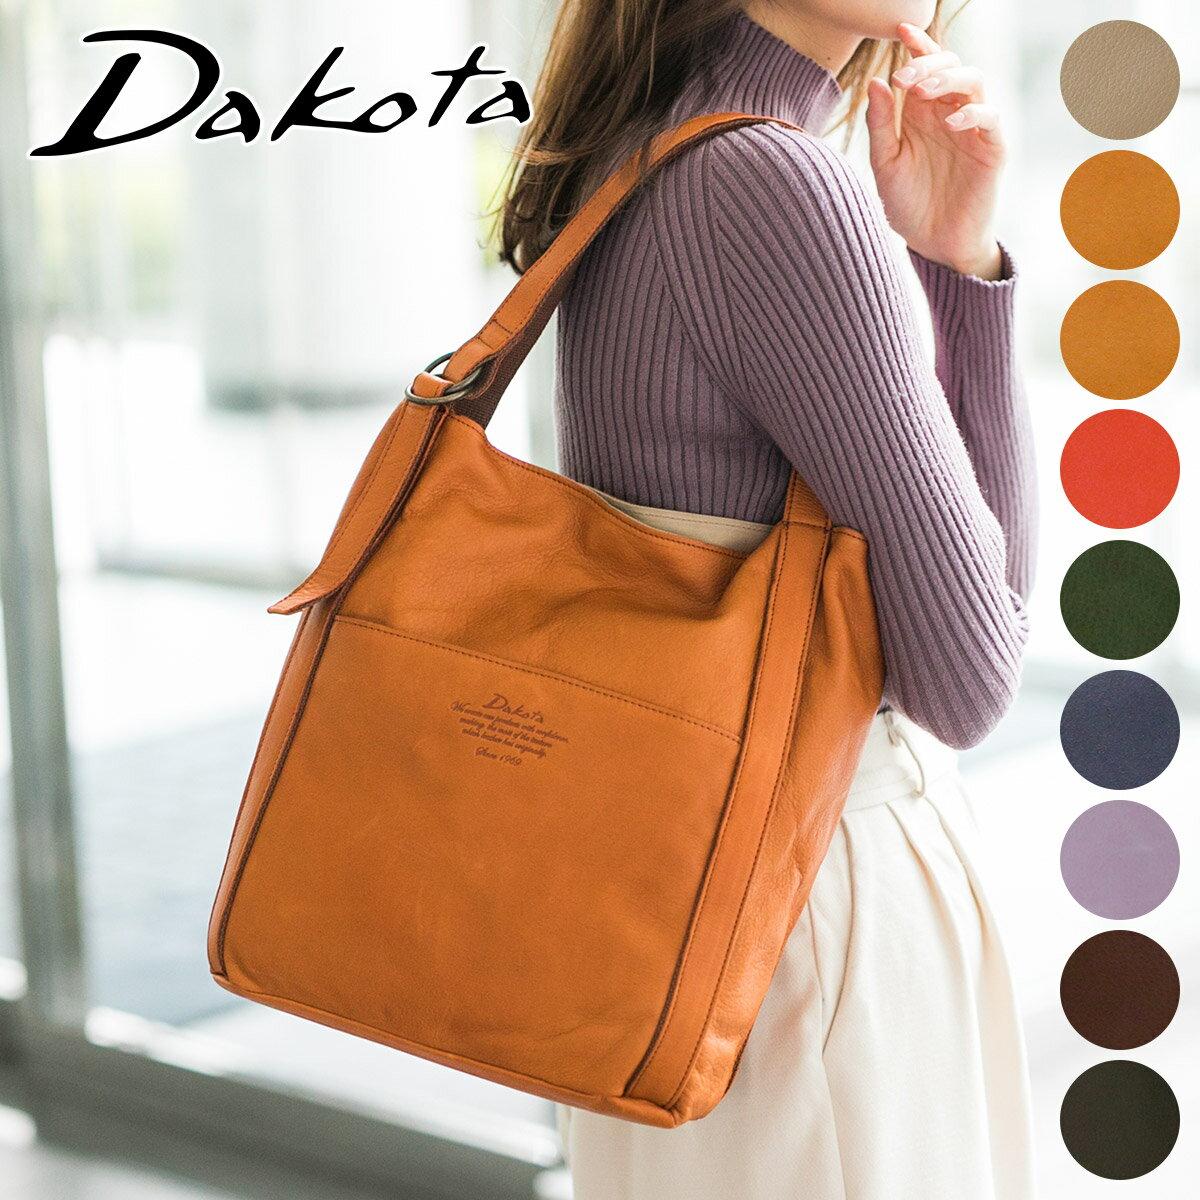 【選べる可愛い実用的プレゼント付】 Dakota ダコタ バッグラポール トートバッグ(大) 1033480(革のお手入れ方法本付)レディース バッグ トートバッグ カジュアルトート ポイント10倍 母の日 ギフト 可愛い プレゼント